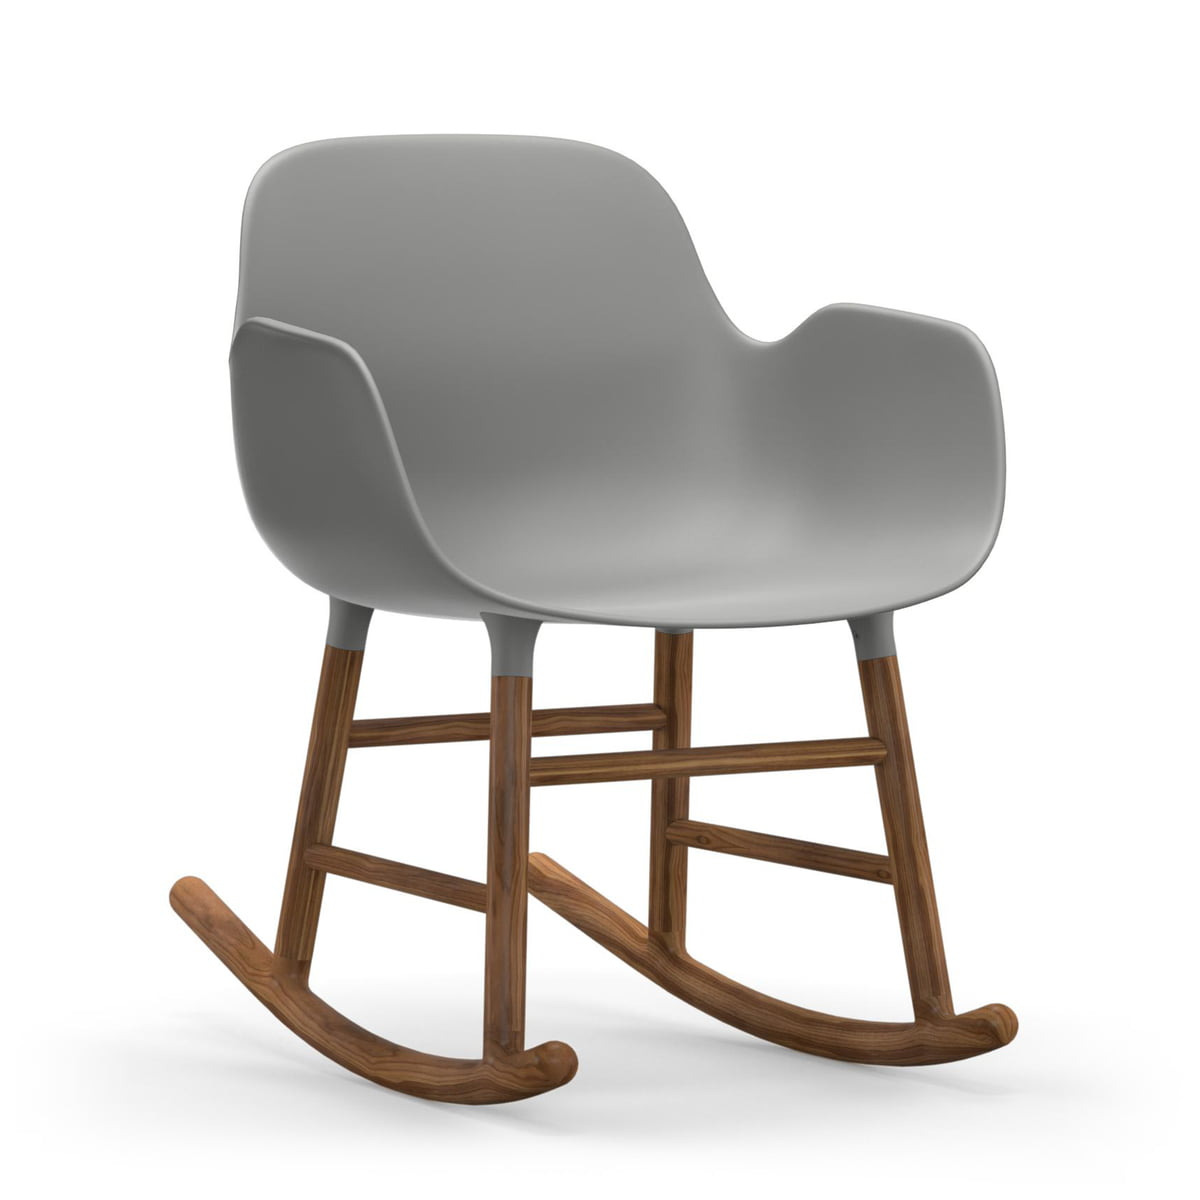 Normann Copenhagen - Form Schaukelsessel, Gestell Walnuss / grau | Wohnzimmer > Sessel > Schaukelsessel | Grau | Normann Copenhagen